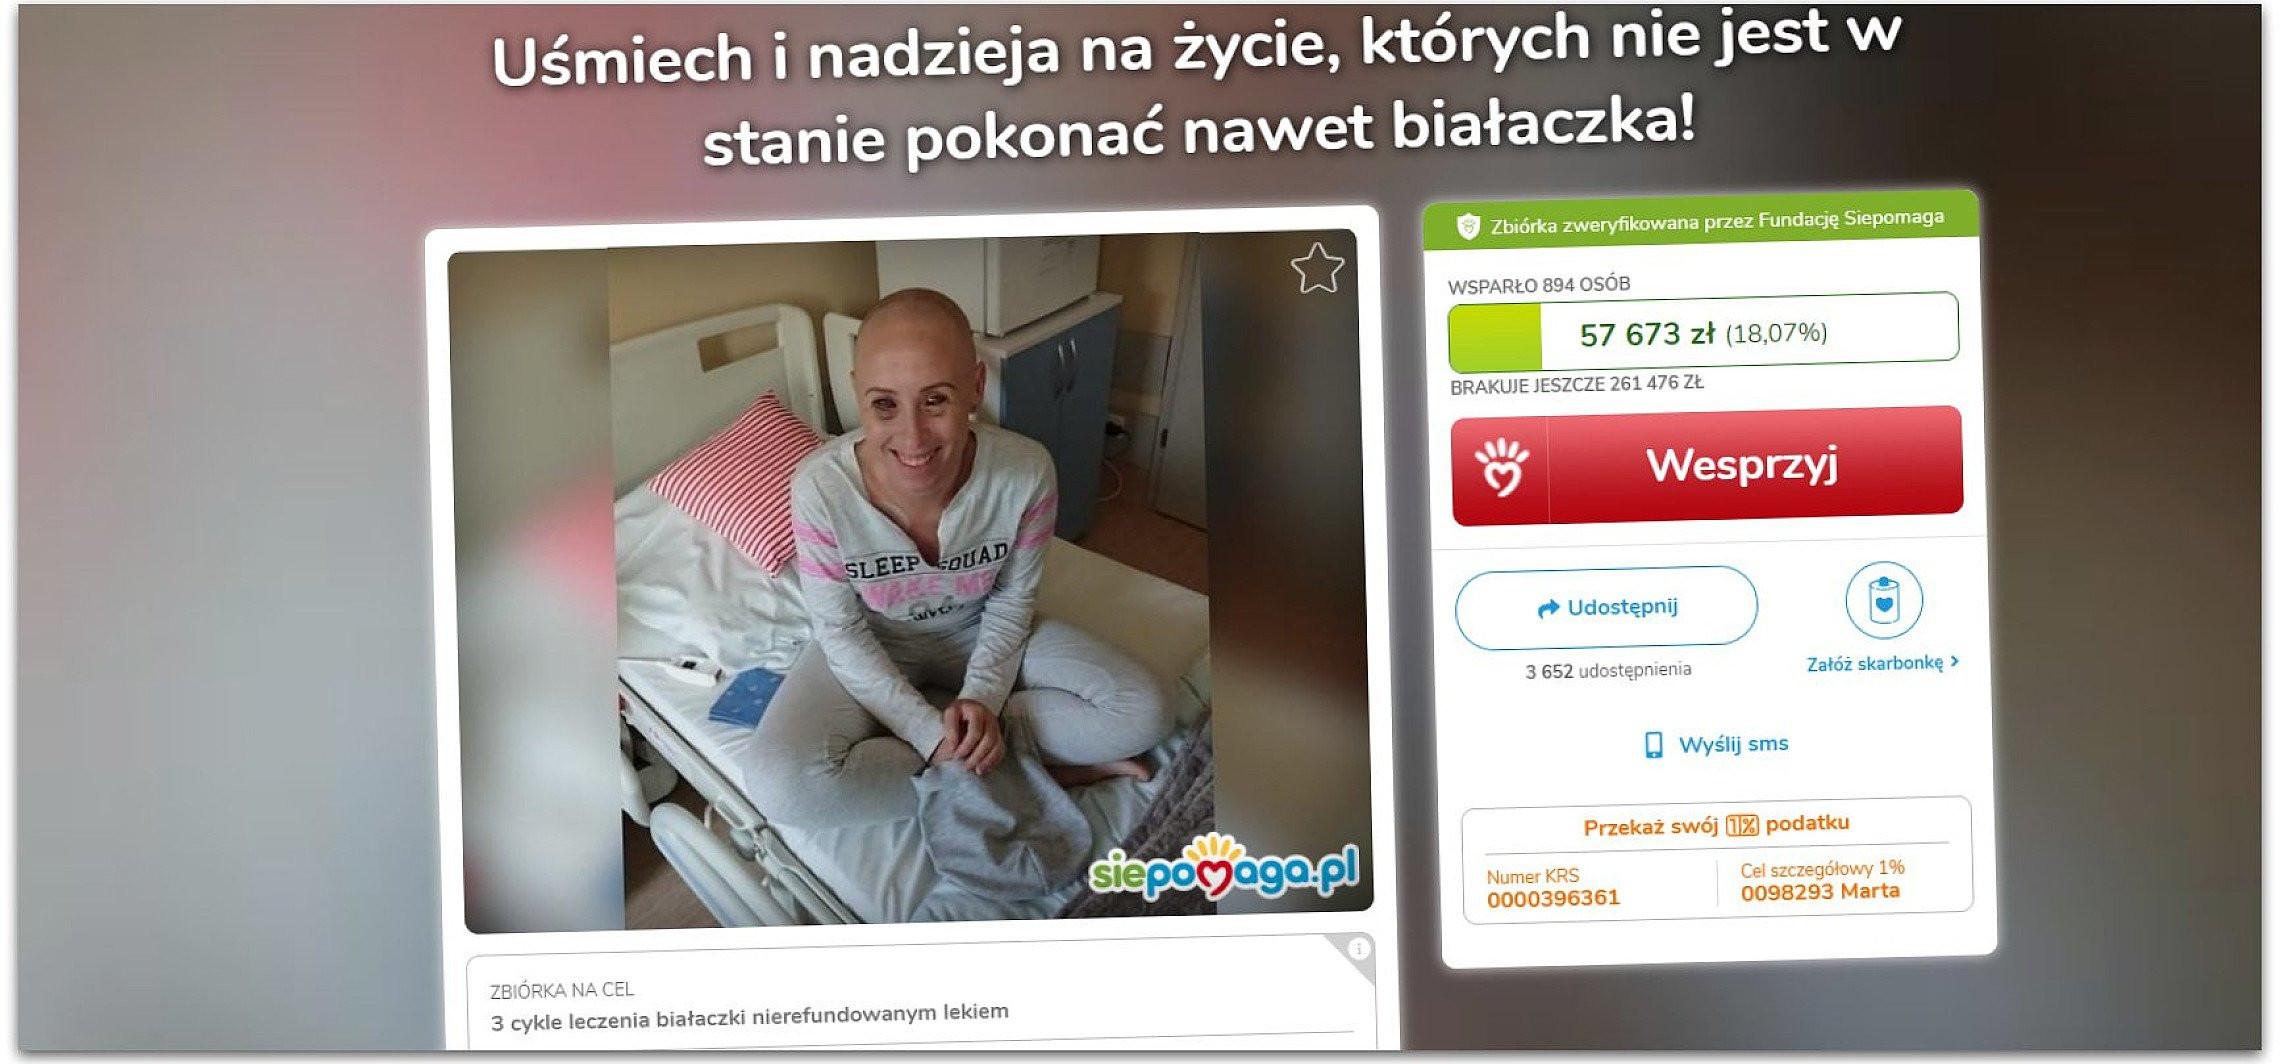 Inowrocław - Marta potrzebuje pomocy. Ruszyła zbiórka